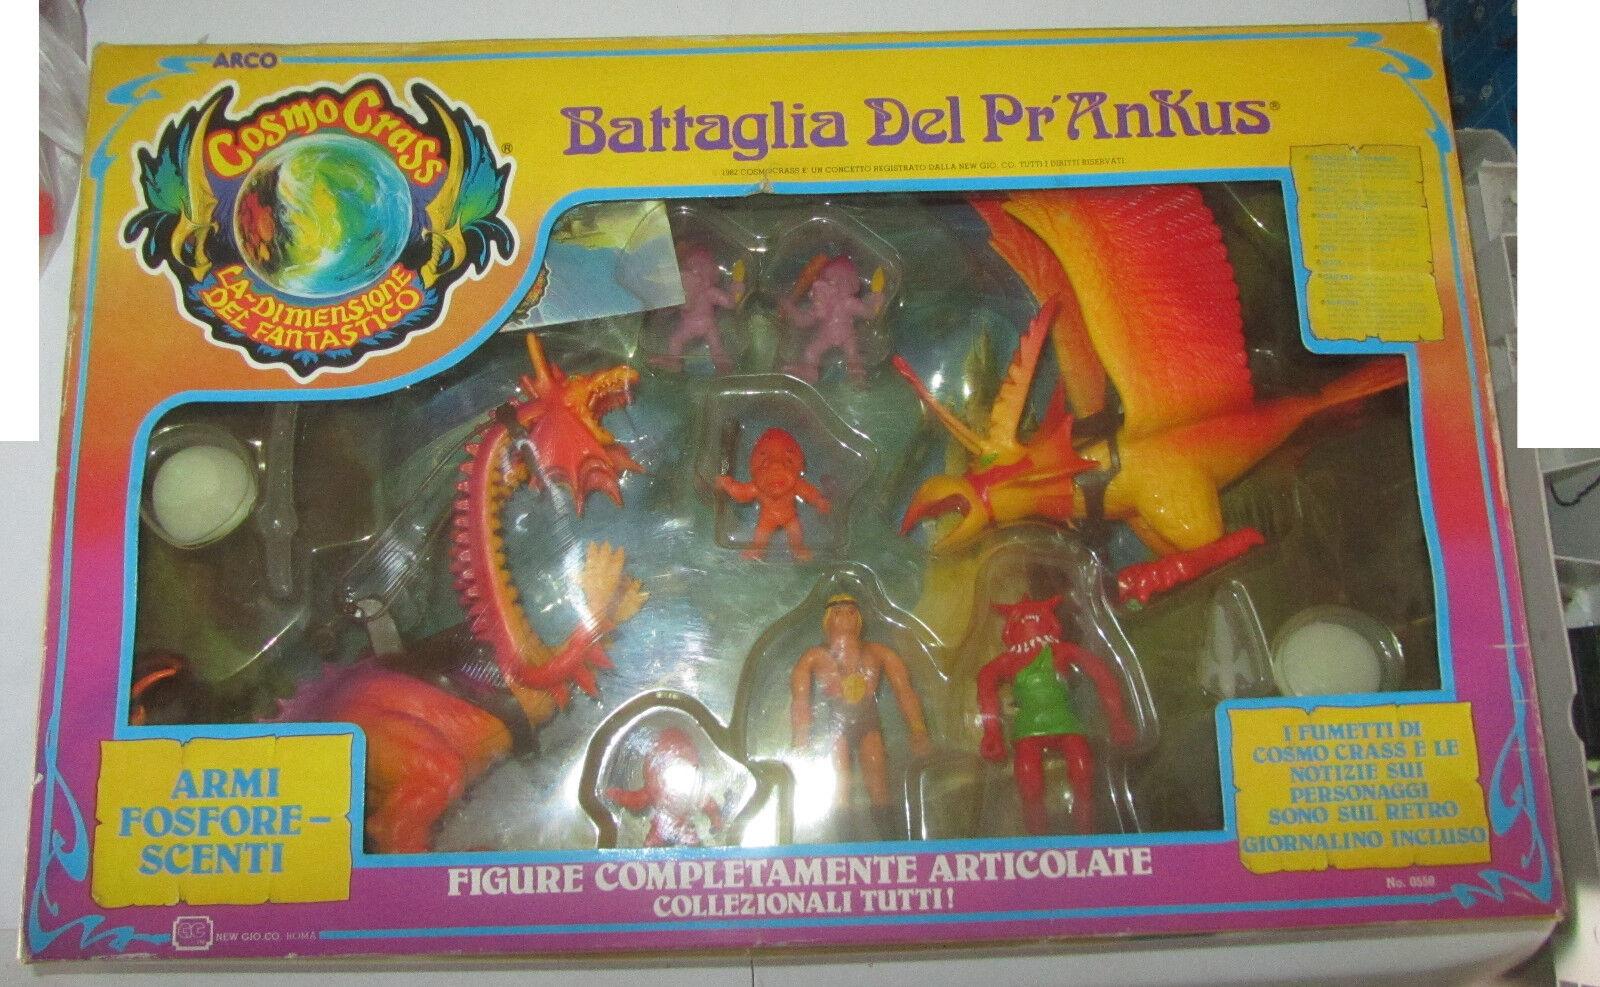 COSMO CRASS  ARCO THE OTHER WORLD Battaglia Del Pr' Ankus 1982 nouveau Gio.Co. Roma  bienvenue pour acheter